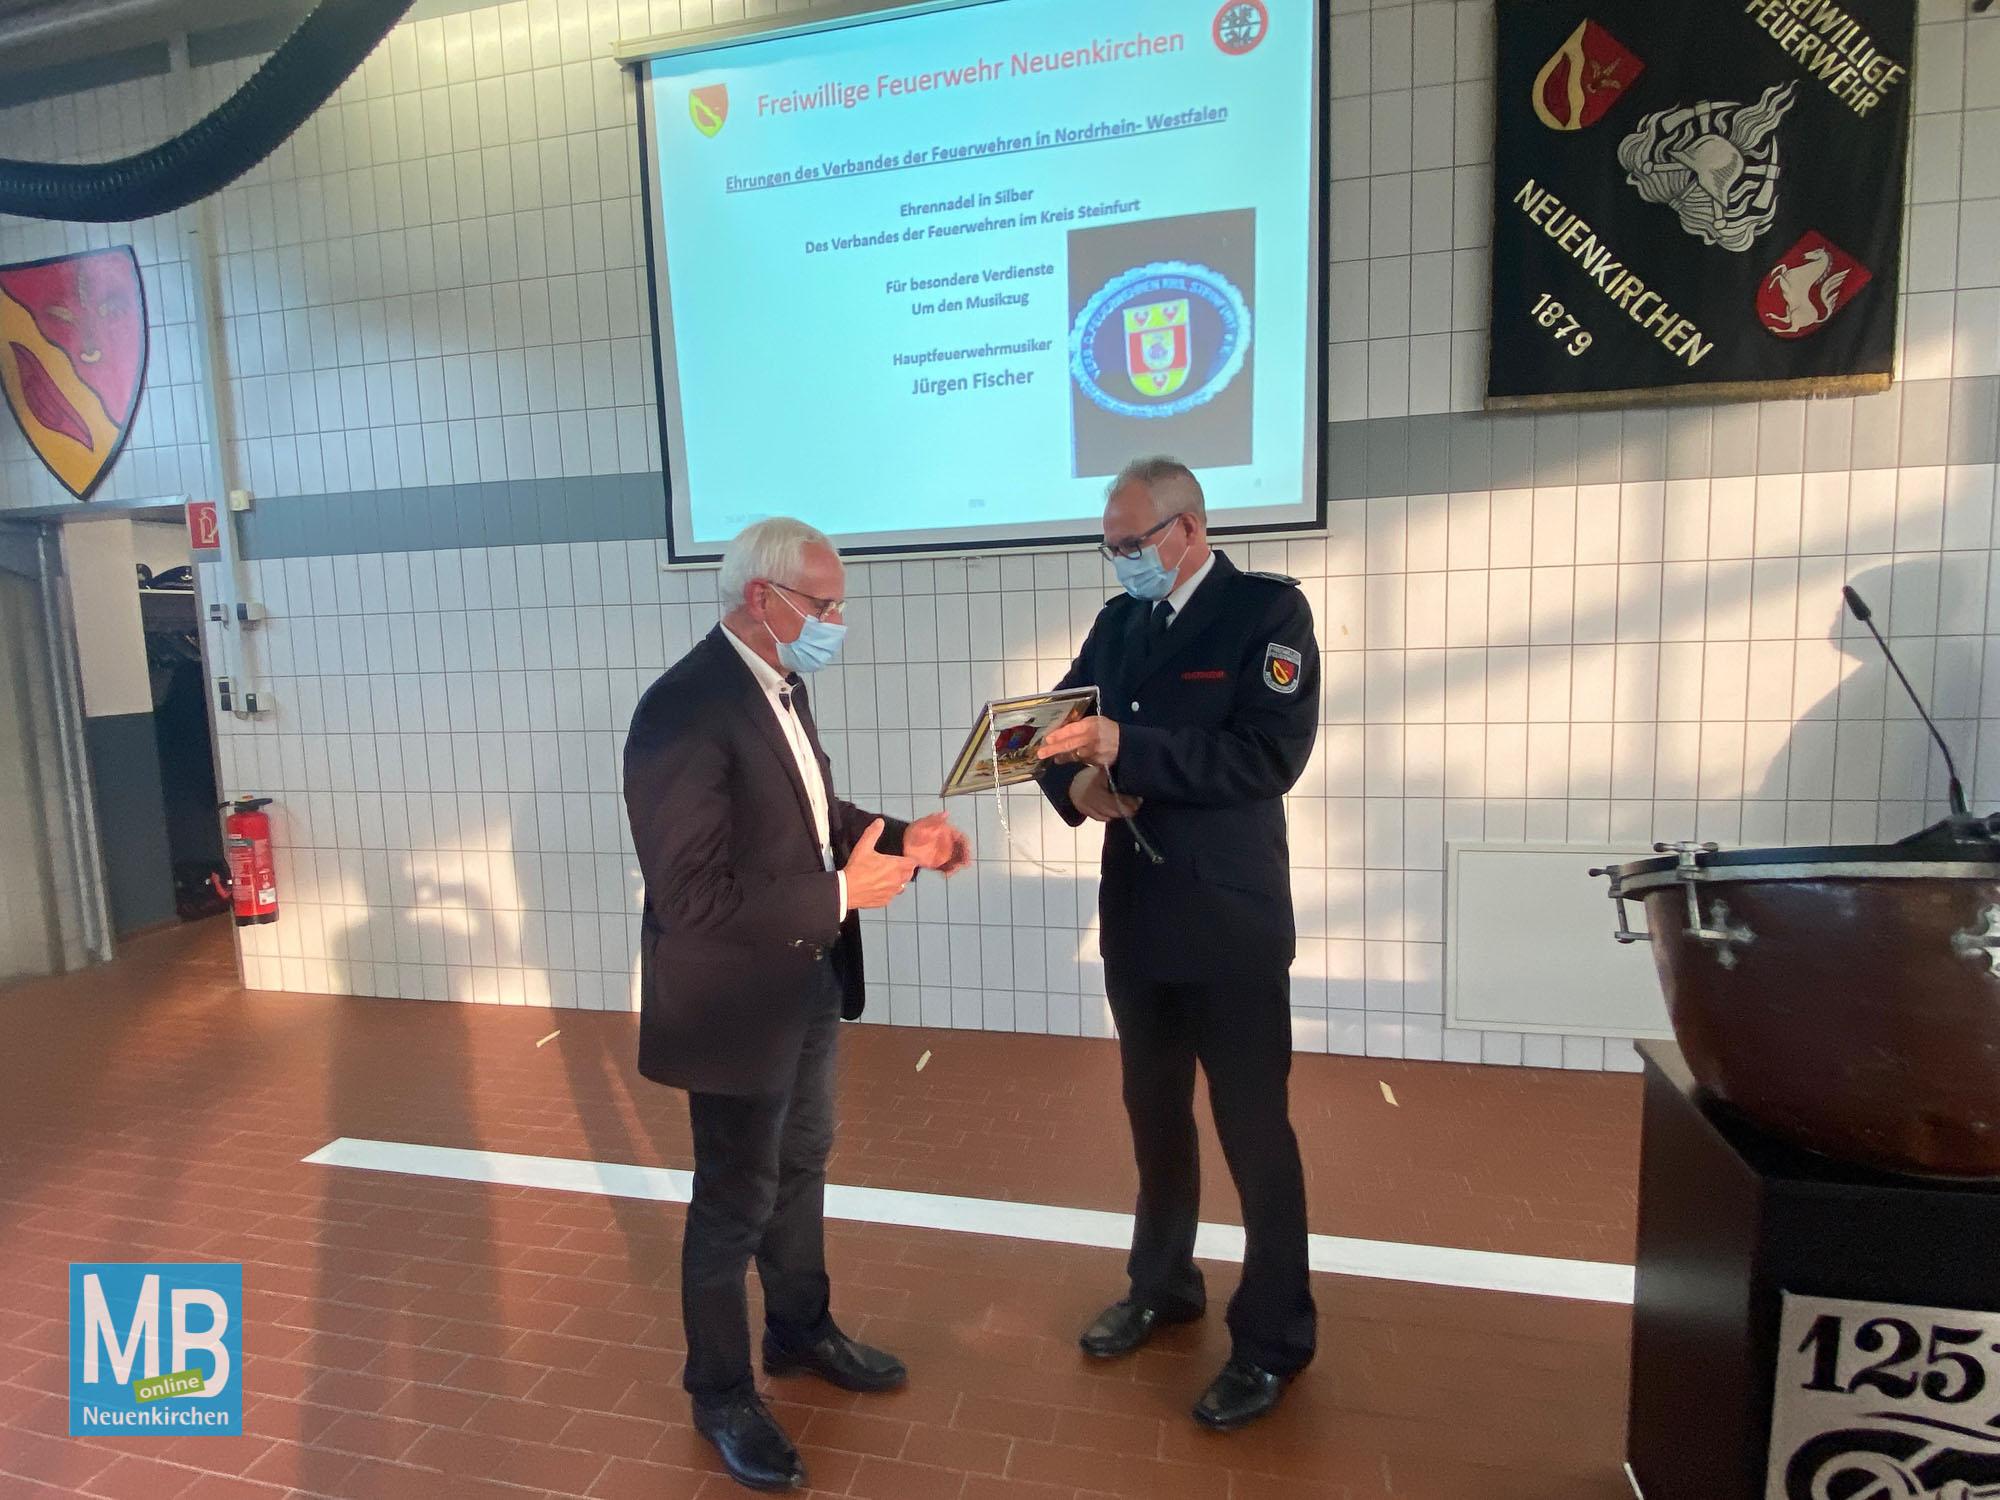 Beförderungen und Ehrungen bei der Freiwilligen Feuerwehr Neuenkirchen im Oktober 2020 | Foto: Heuermann